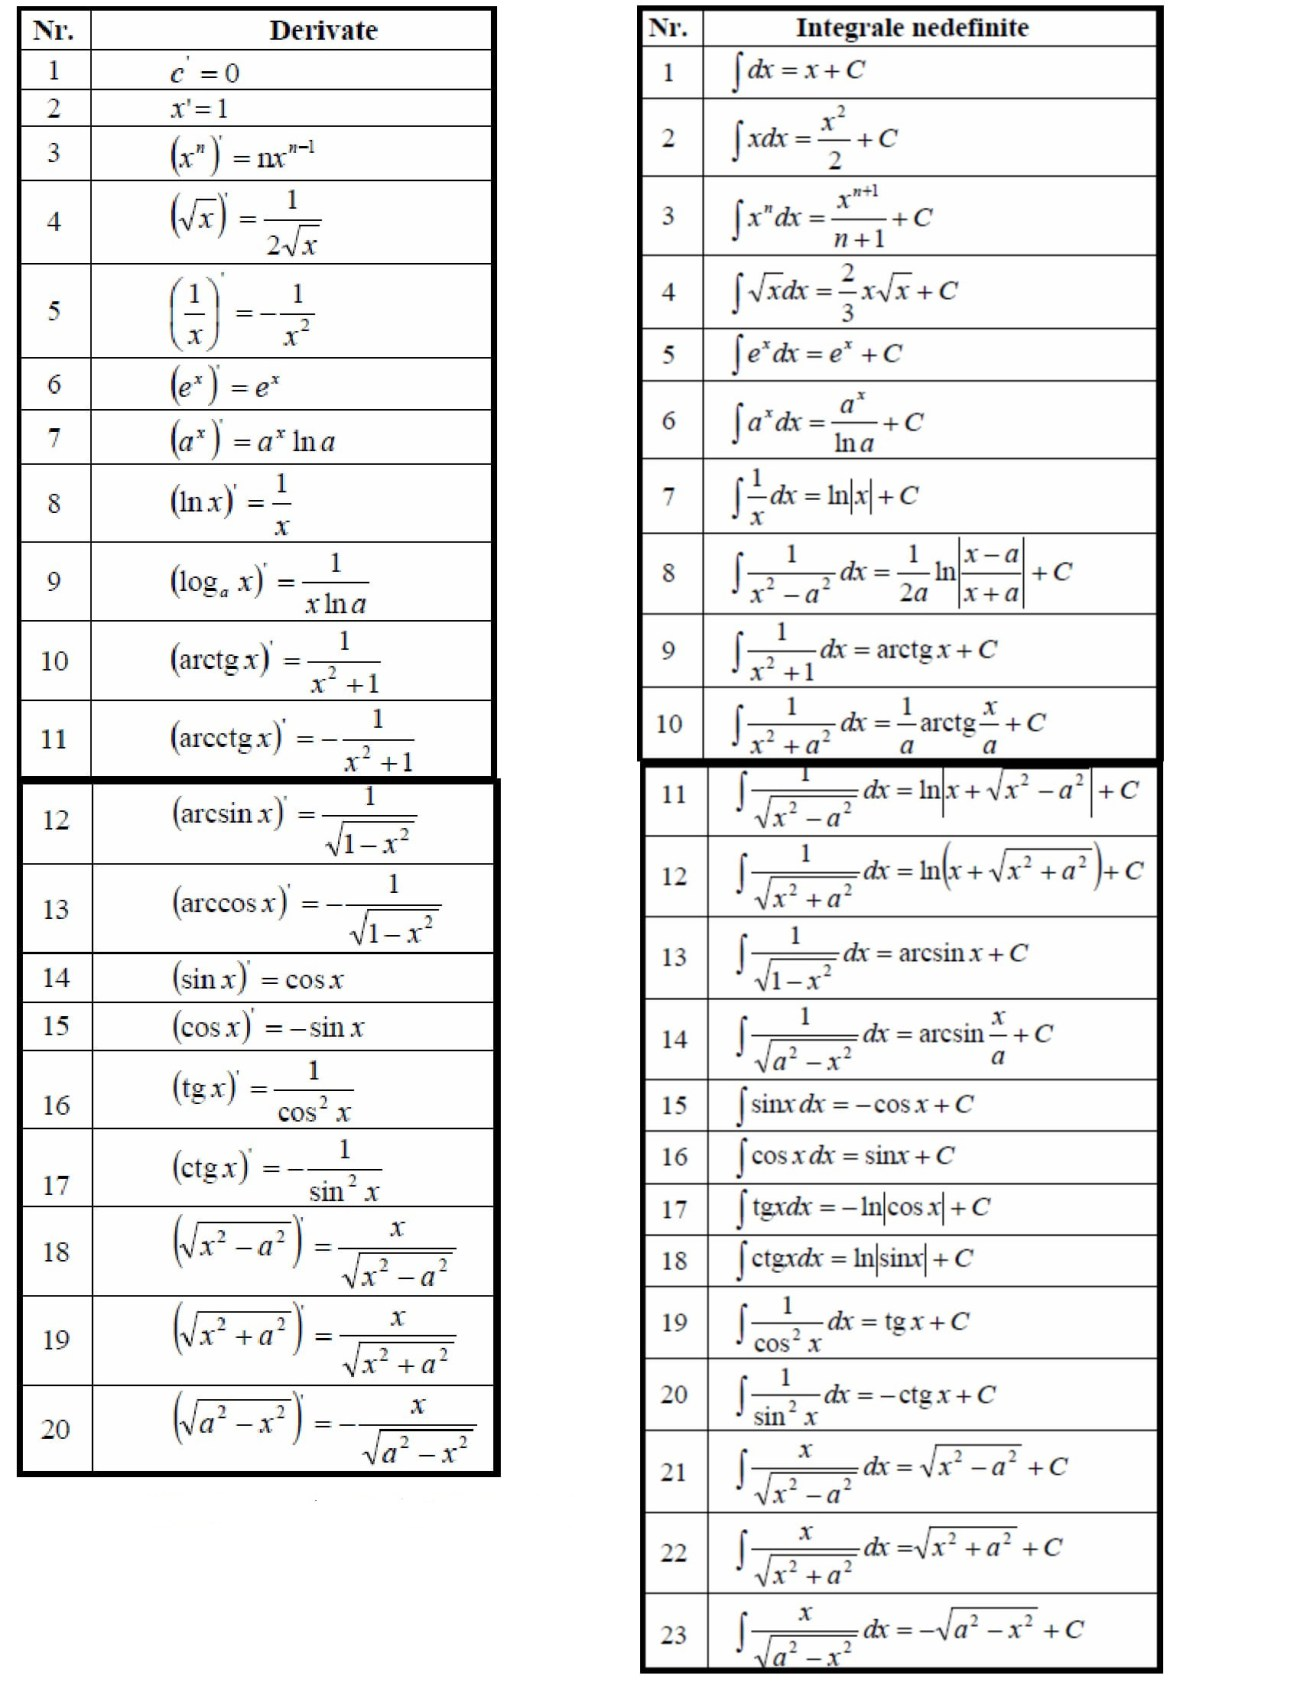 tabel-derivate-si-integrale-1